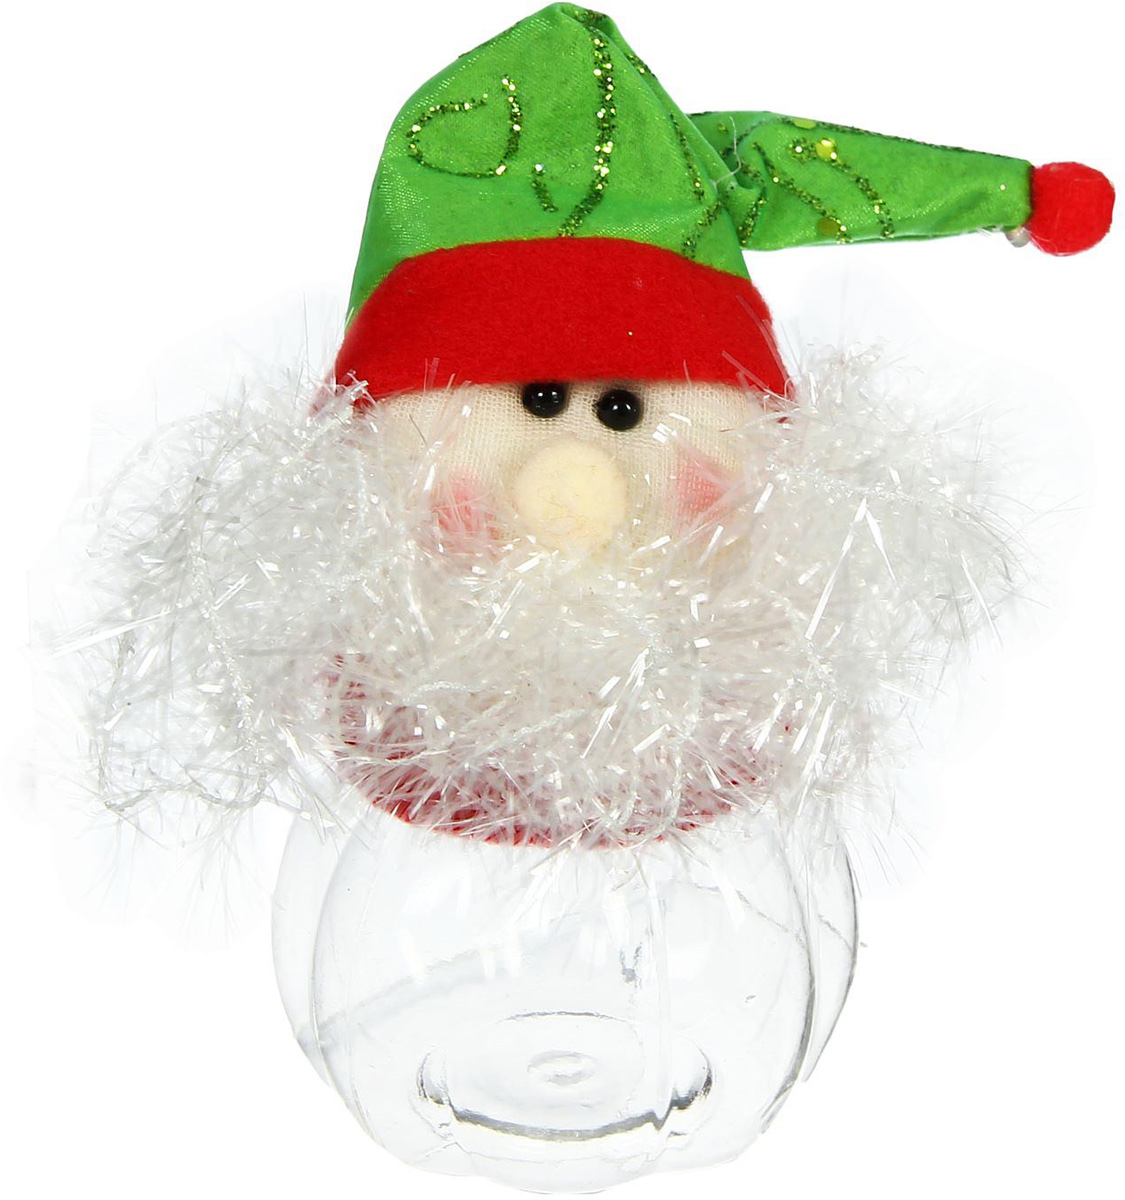 Конфетница Sima-land Дед Мороз. Пушистая борода, вместимость 80 г1308743Нарядная банка-конфетница Sima-land изготовлена из сочетания текстиля и пластика. Яркий символичный персонаж на передней стороне изделия создаст новогоднее настроение. Креативная упаковка сделает ваш презент особенным и самым запоминающимся.Вместительность: 80 г.